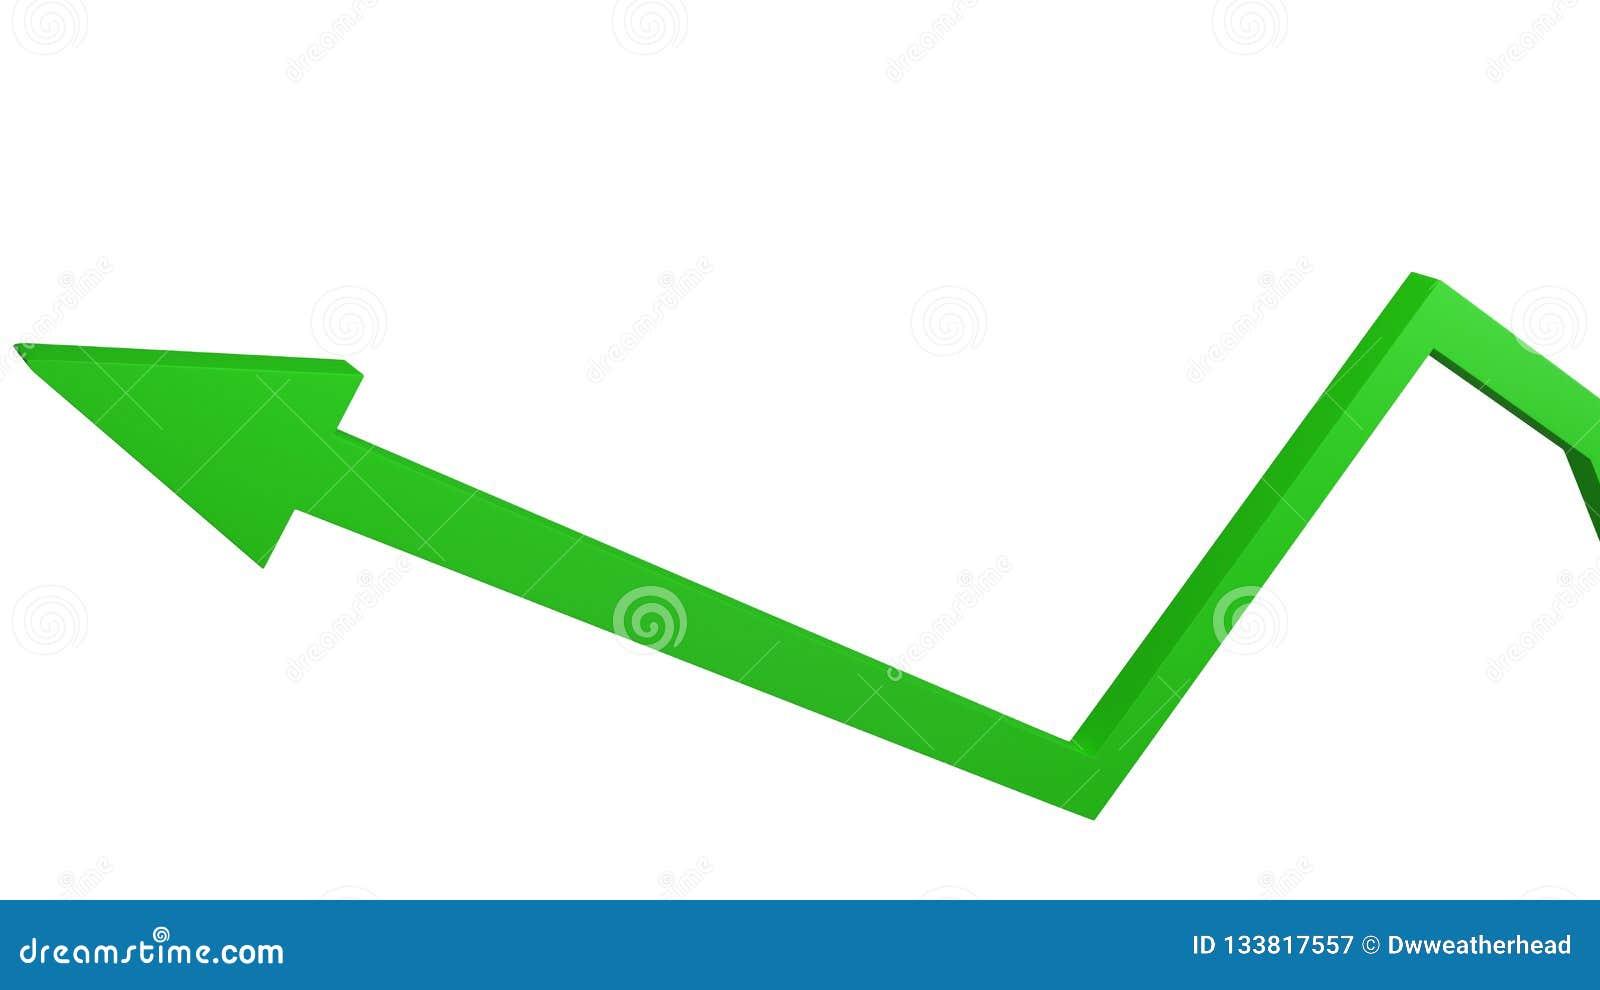 Πράσινο βέλος που αντιπροσωπεύει την έννοια της επιτυχίας οικονομικής ανάπτυξης και επιχειρήσεων που απομονώνεται στο λευκό